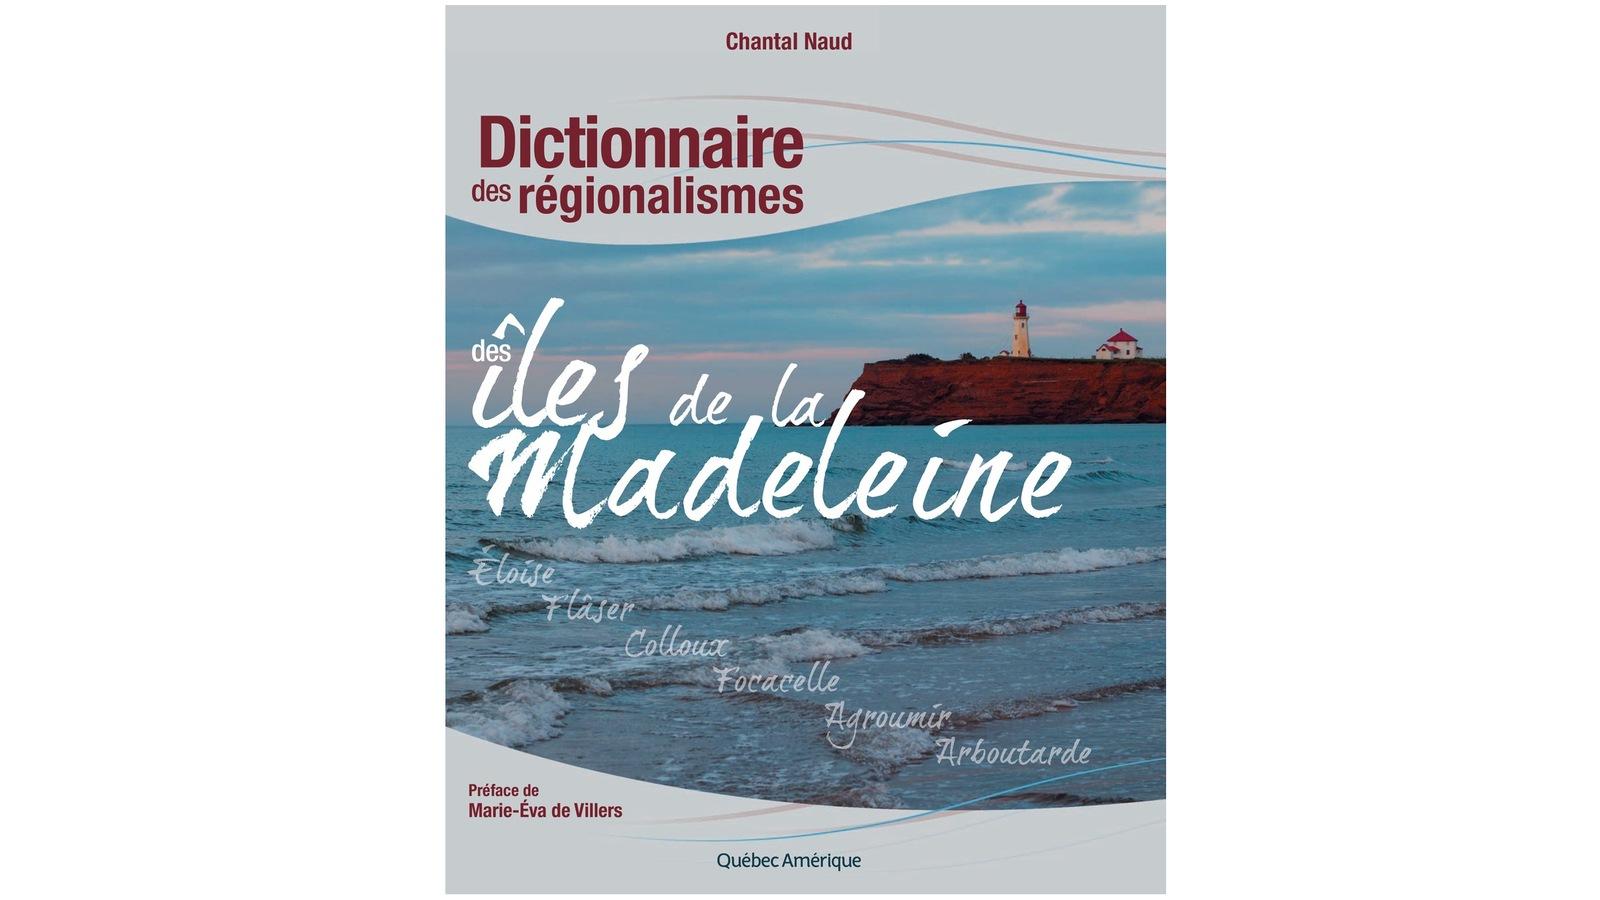 Dictionnaire des régionalismes des Îles-de-la-Madeleine Auteure : Chantal Naud Publié en mai 2011 aux Éditions Québec Amérique